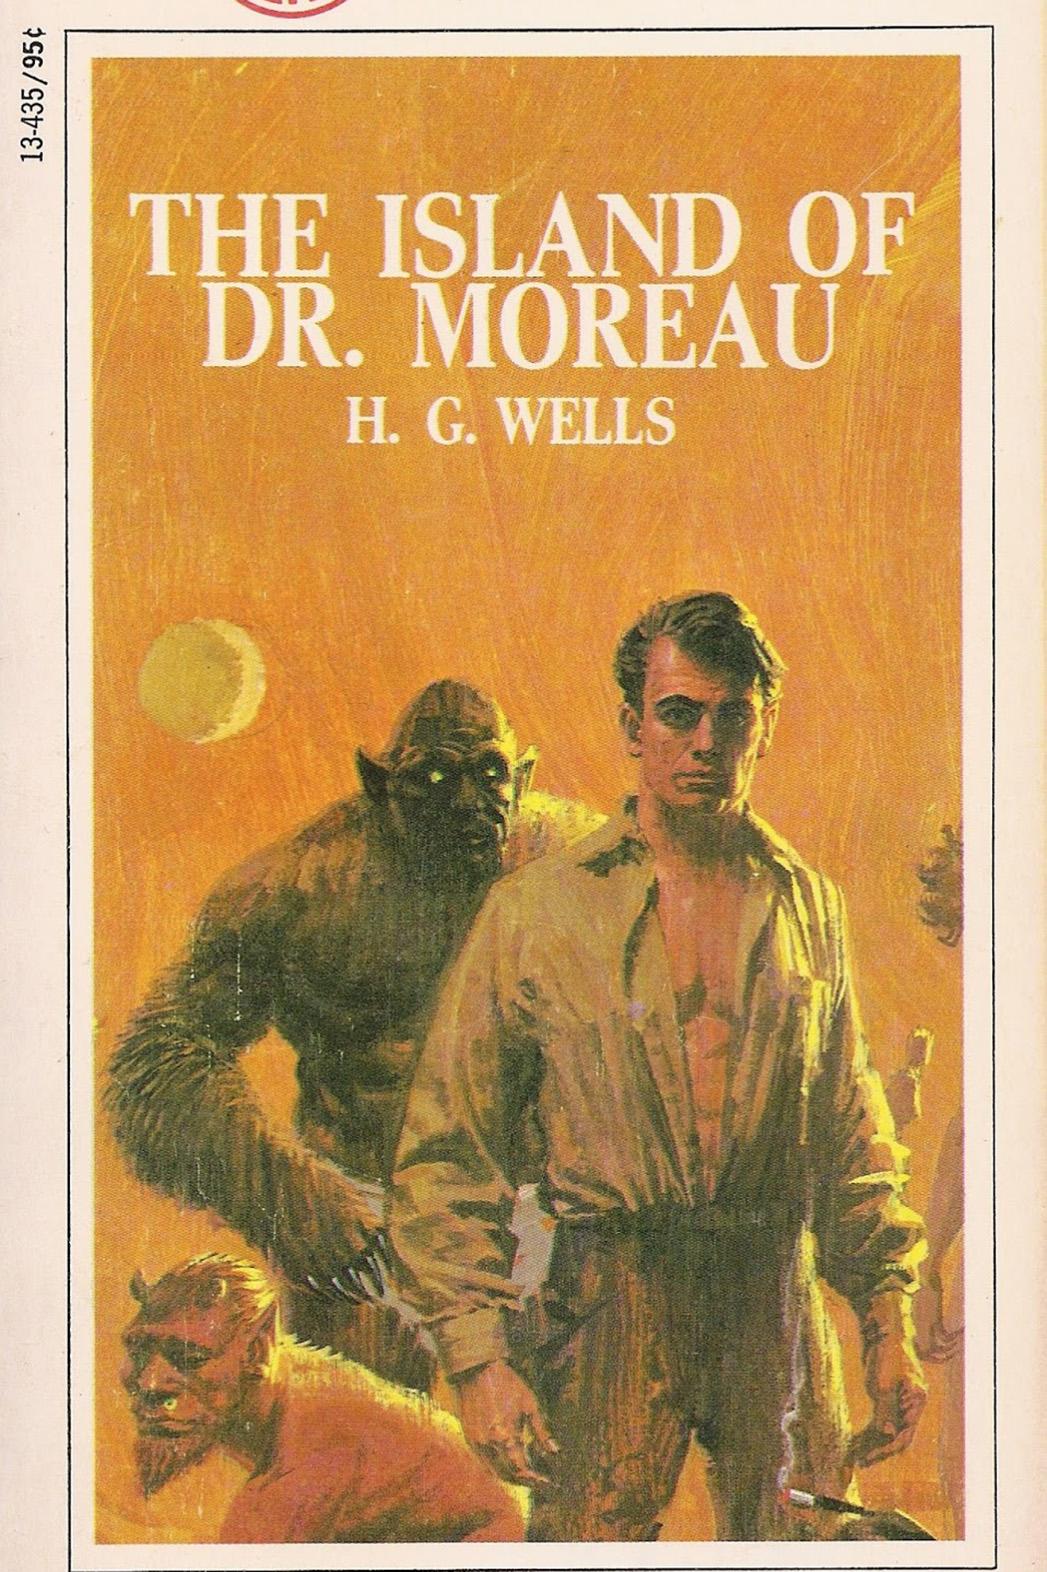 The Island of Dr. Moreau - P 2015